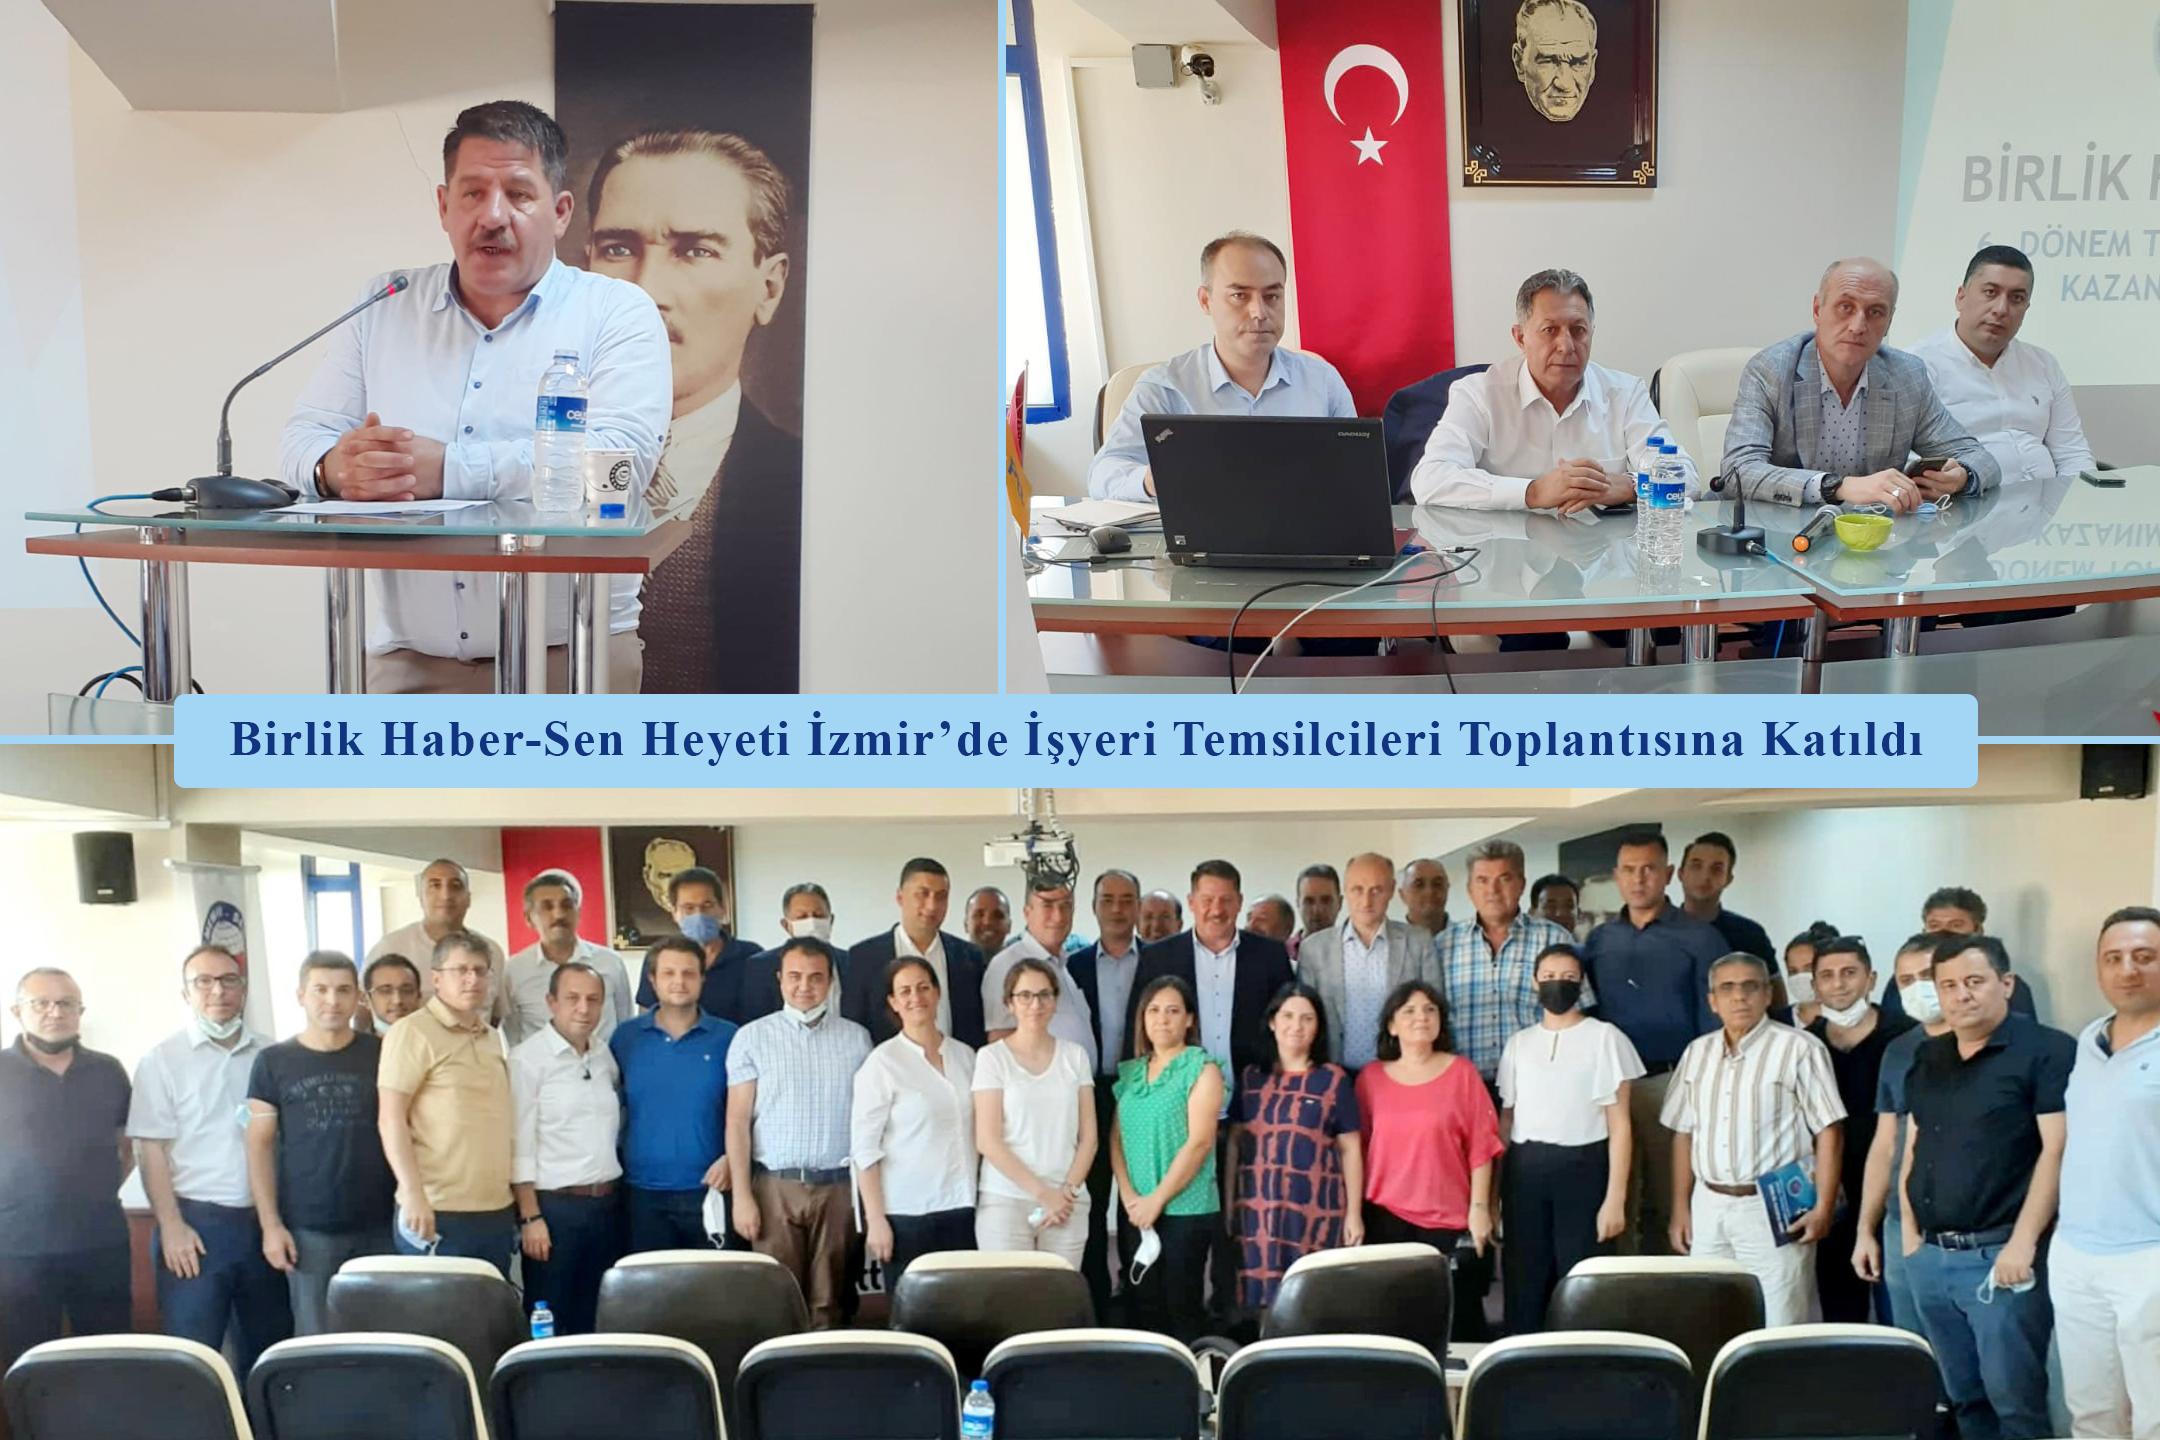 Birlik Haber-Sen Heyeti İzmir'de İşyeri Temsilcileri Toplantısına Katıldı